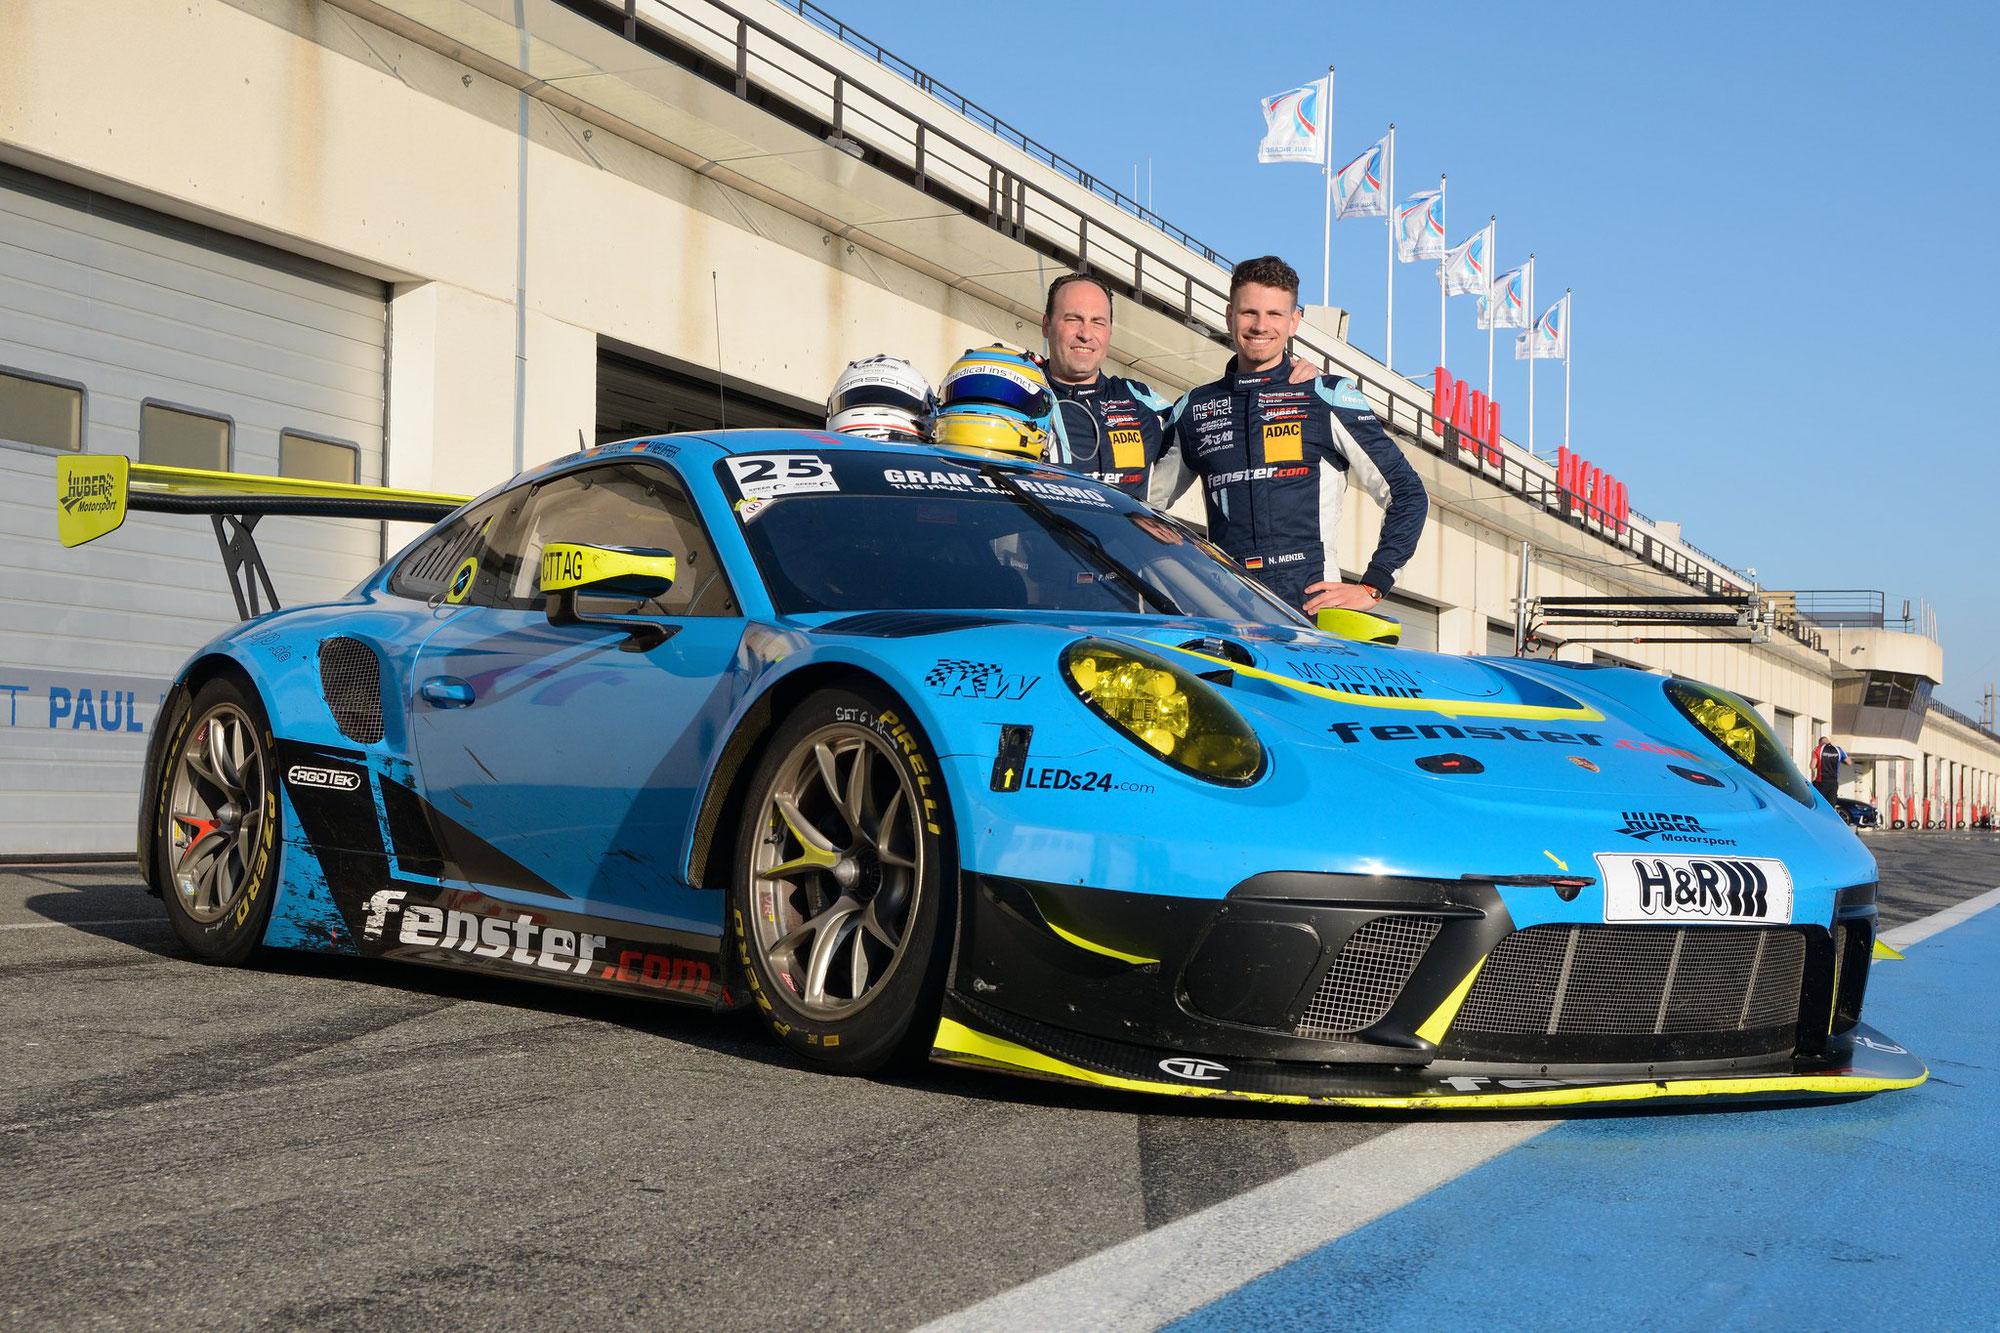 Huber Motorsport startet 2021 mit einem Porsche GT3 R und einem Porsche 911 GT3 Cup in der NLS